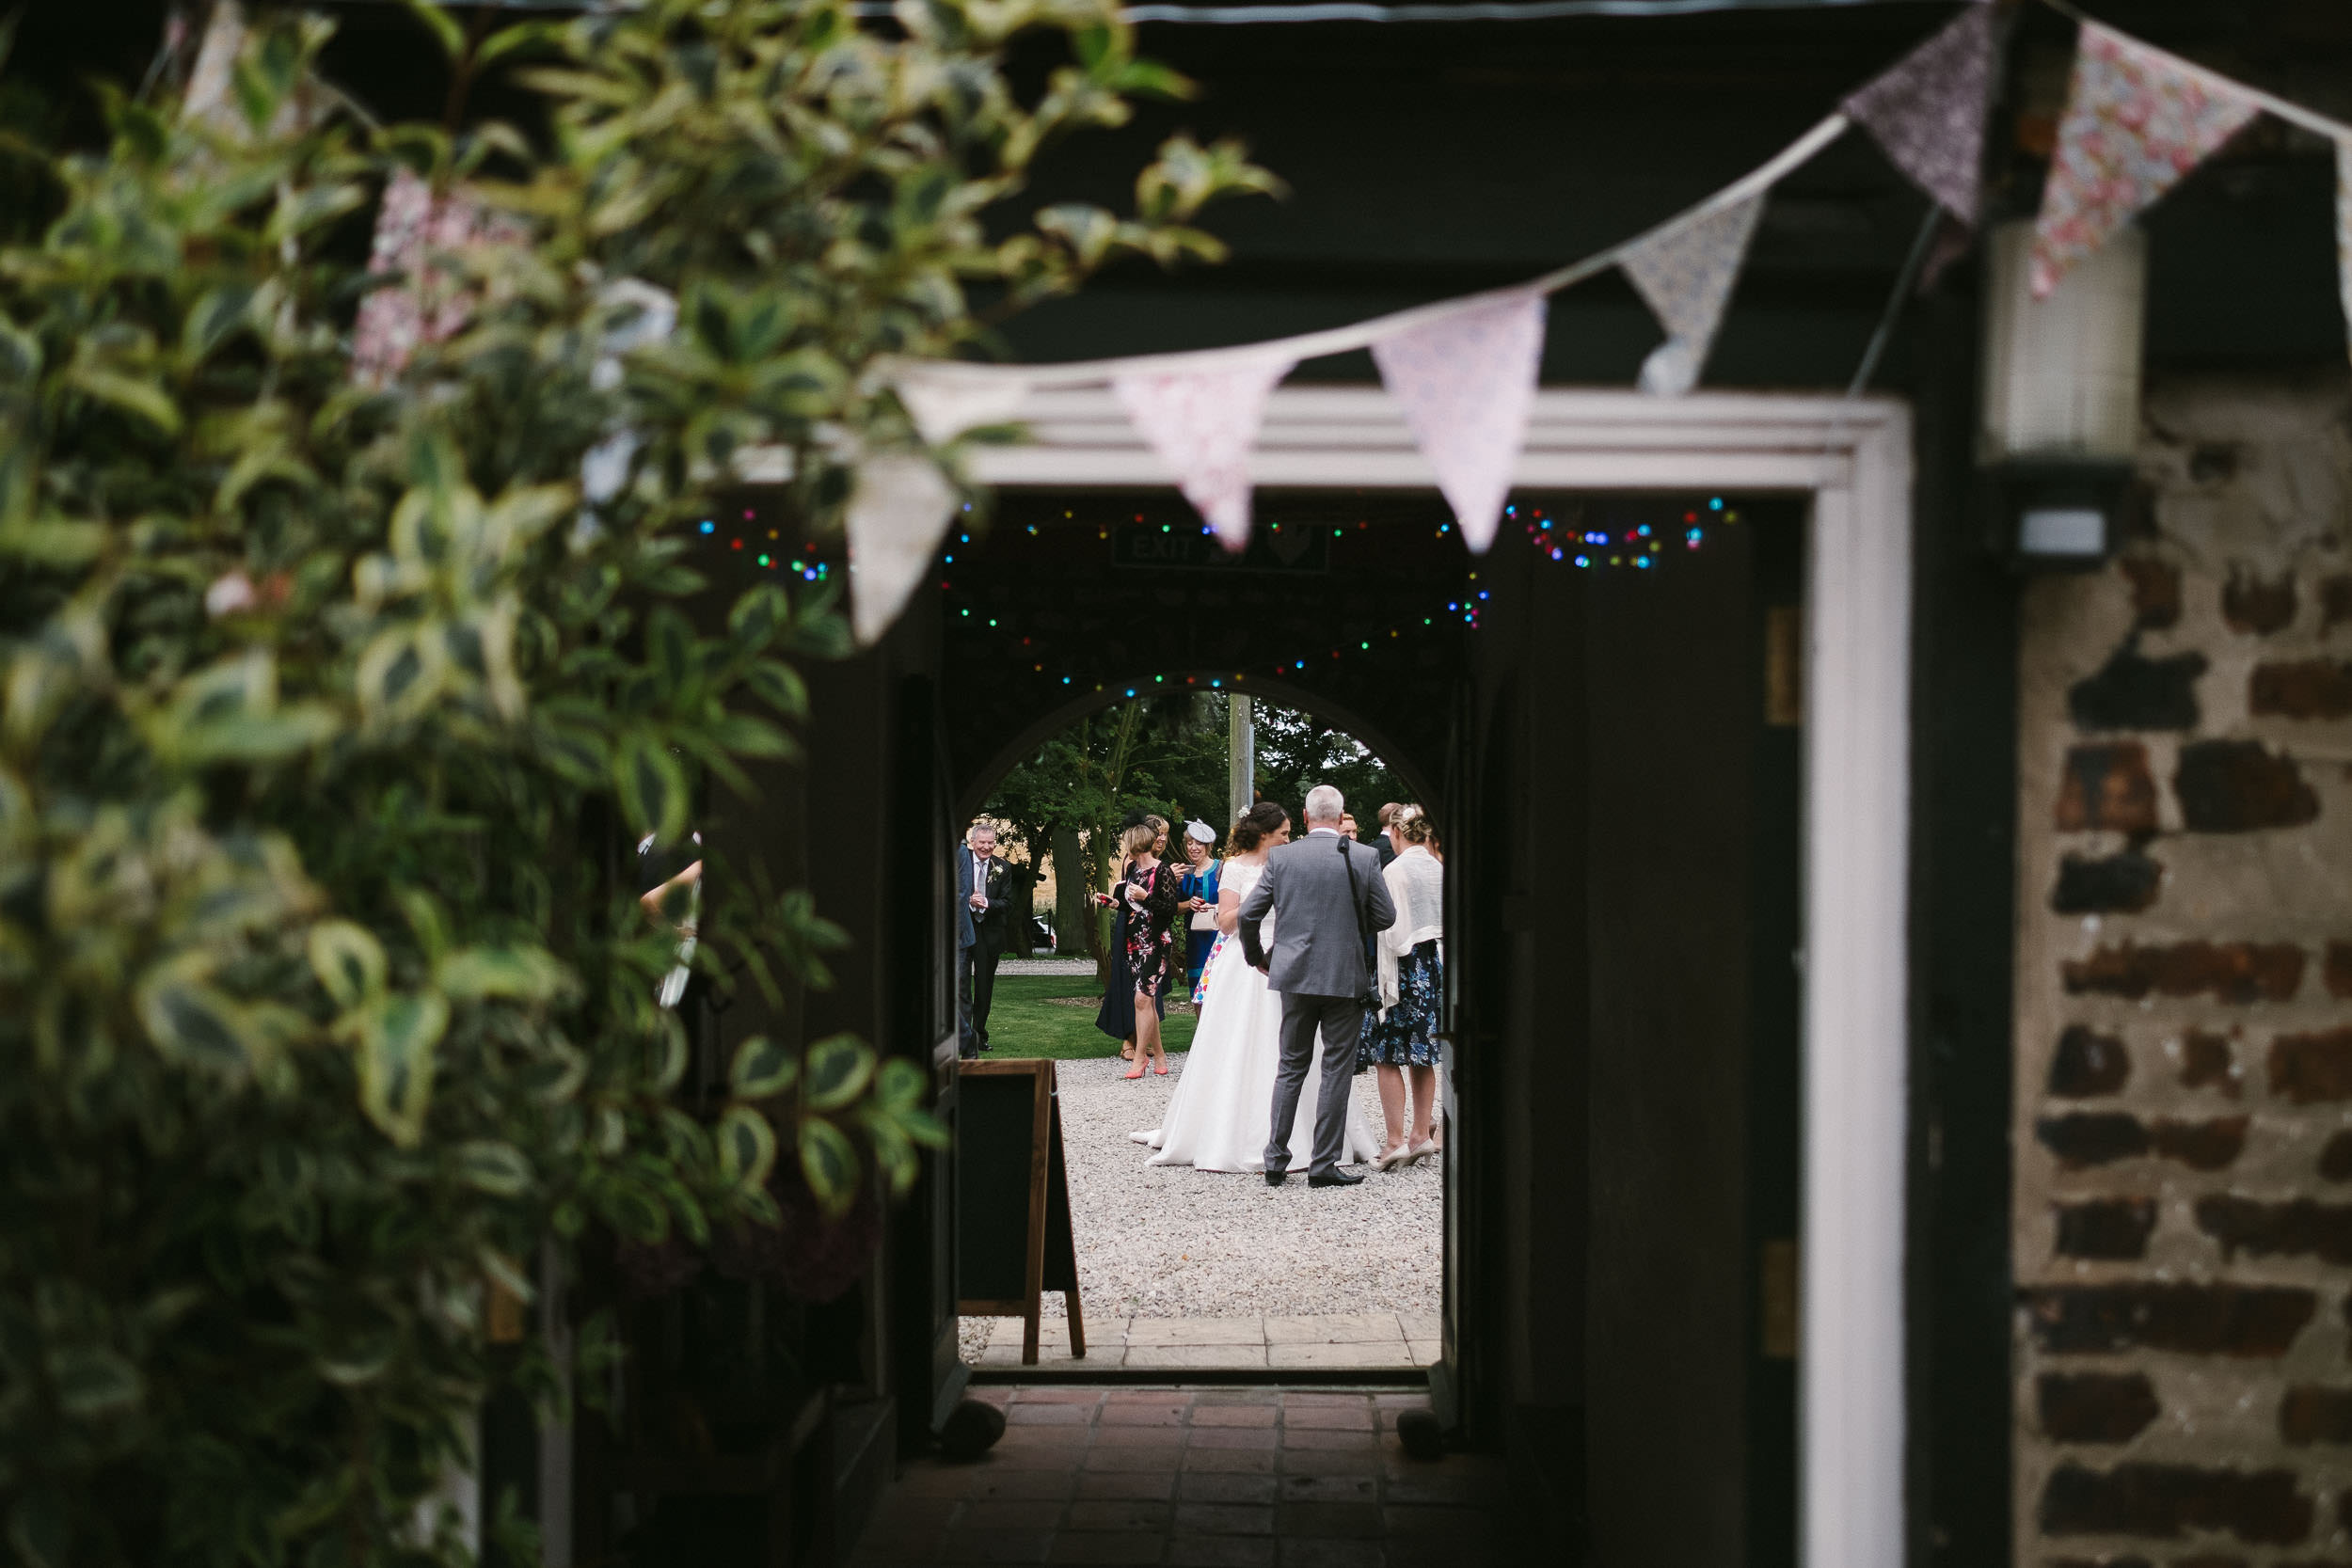 Dale Farm Yorkshire wedding venue by Barry Forshaw-0017.jpg